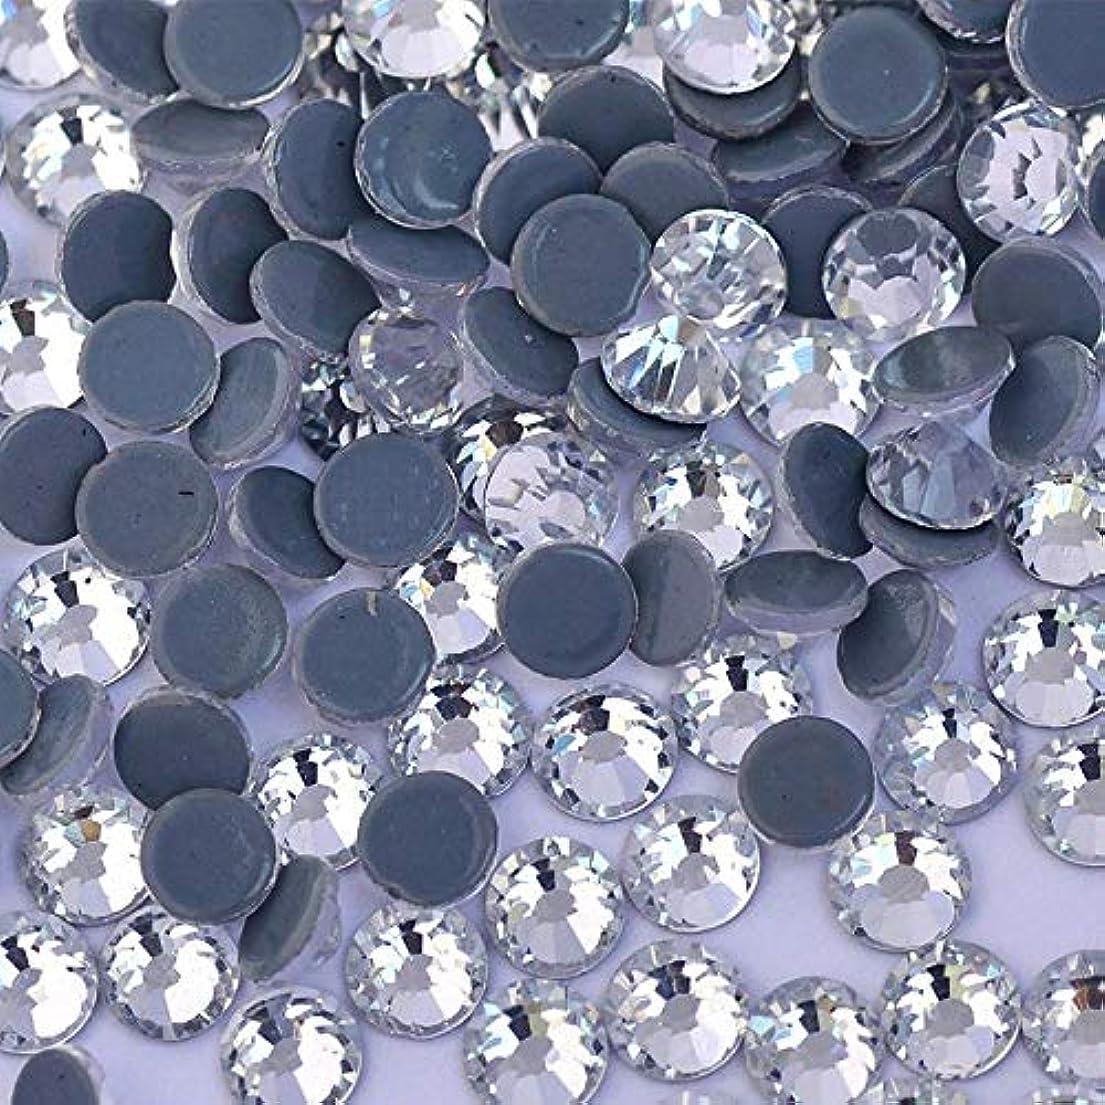 ラフまたジャーナルWTX ガラス製 ラインストーン 高品質 1440粒 SS4~SS30 Hotfix ホットフィックスラインストーン (SS20(約4.6-4.8mm、1440粒), クリスタル)